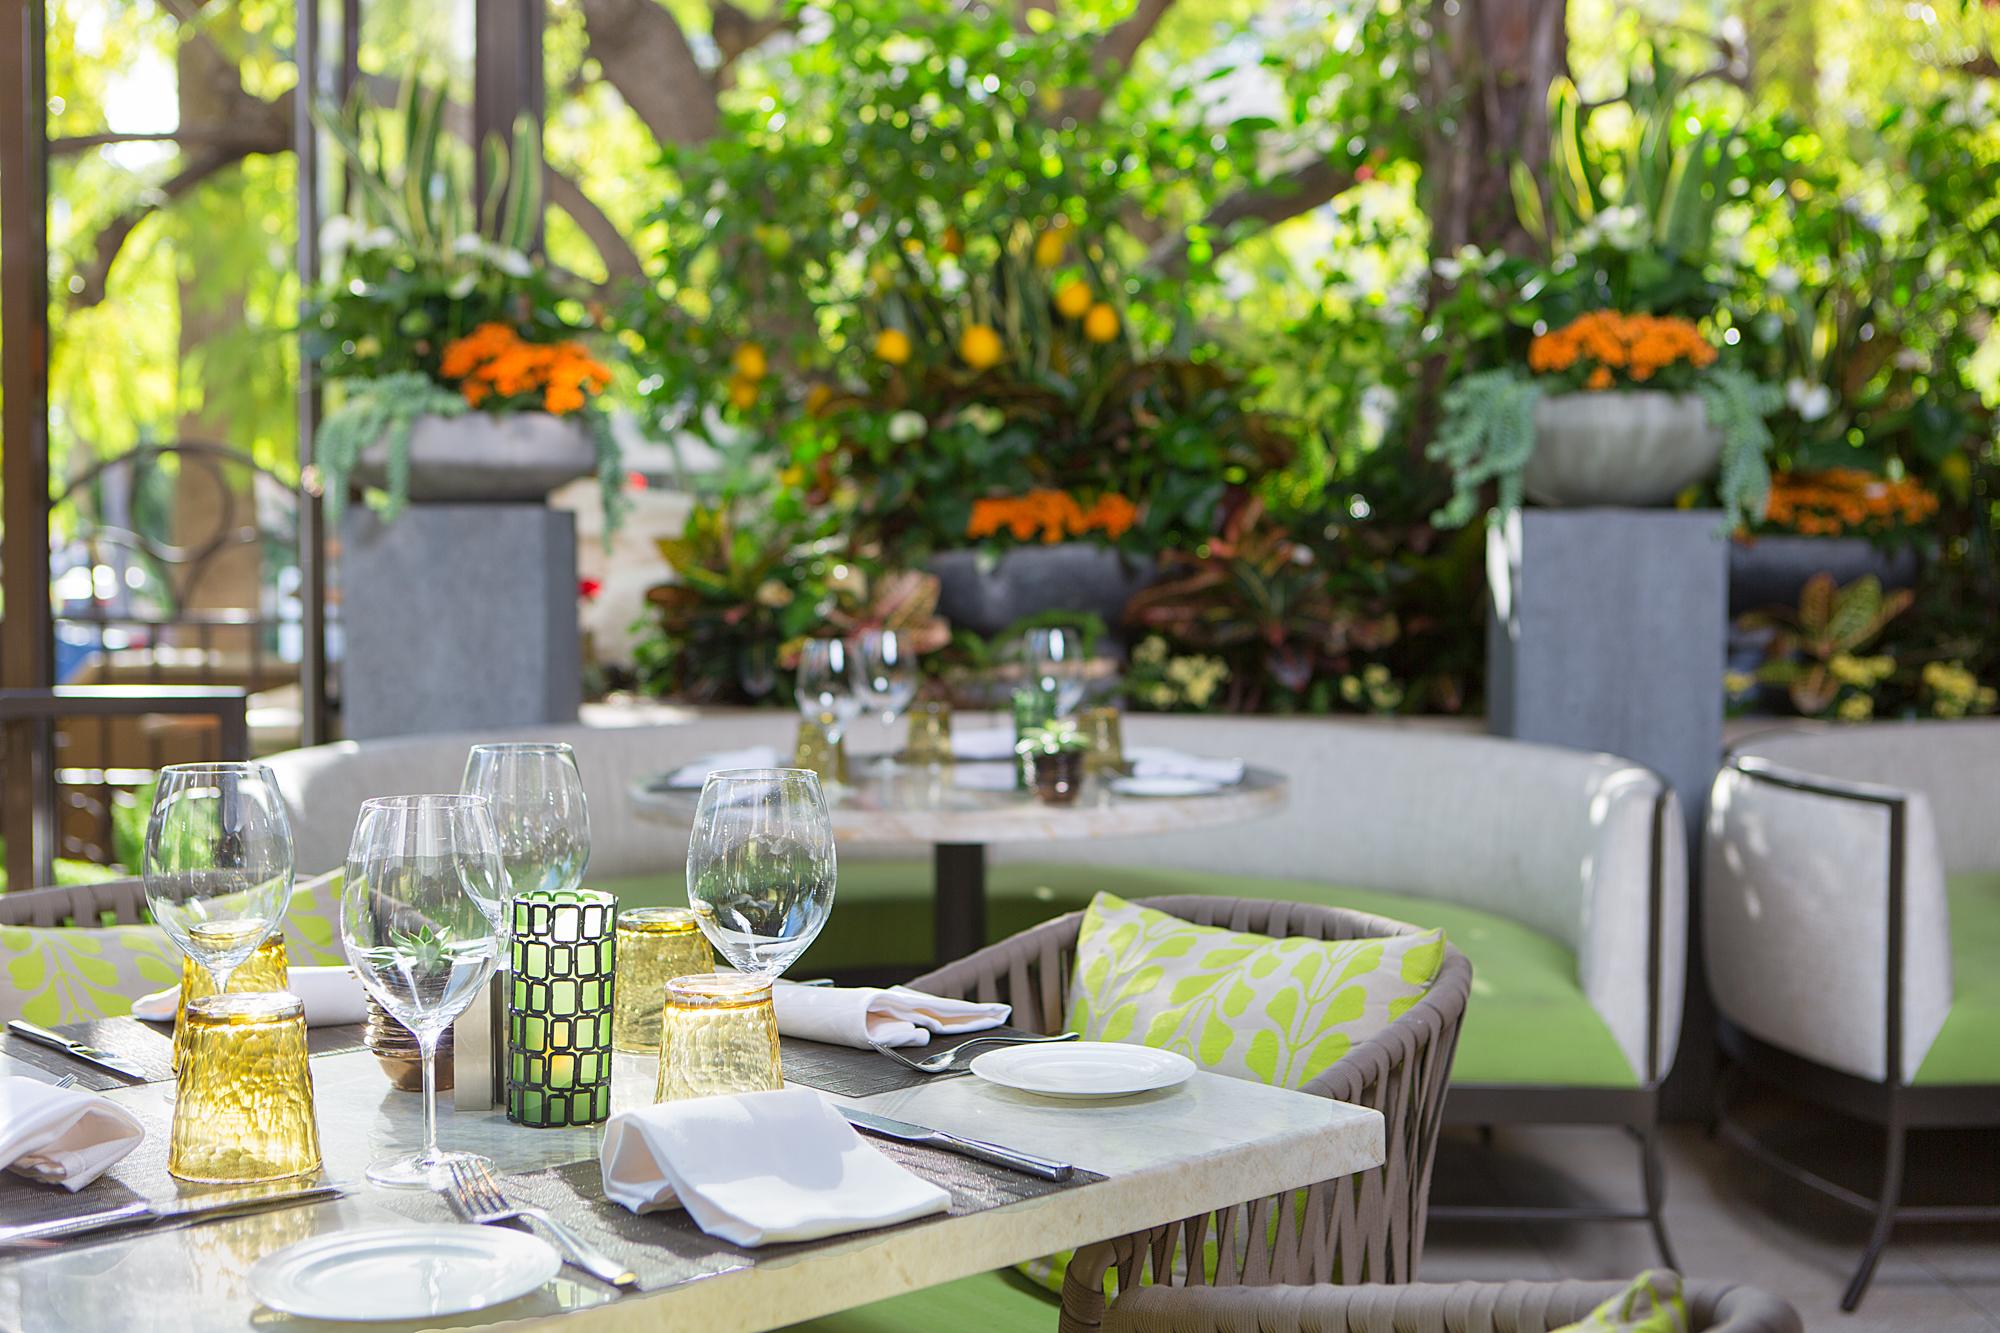 Italian restaurant decorating ideas shining home design for Italian restaurants decorating ideas